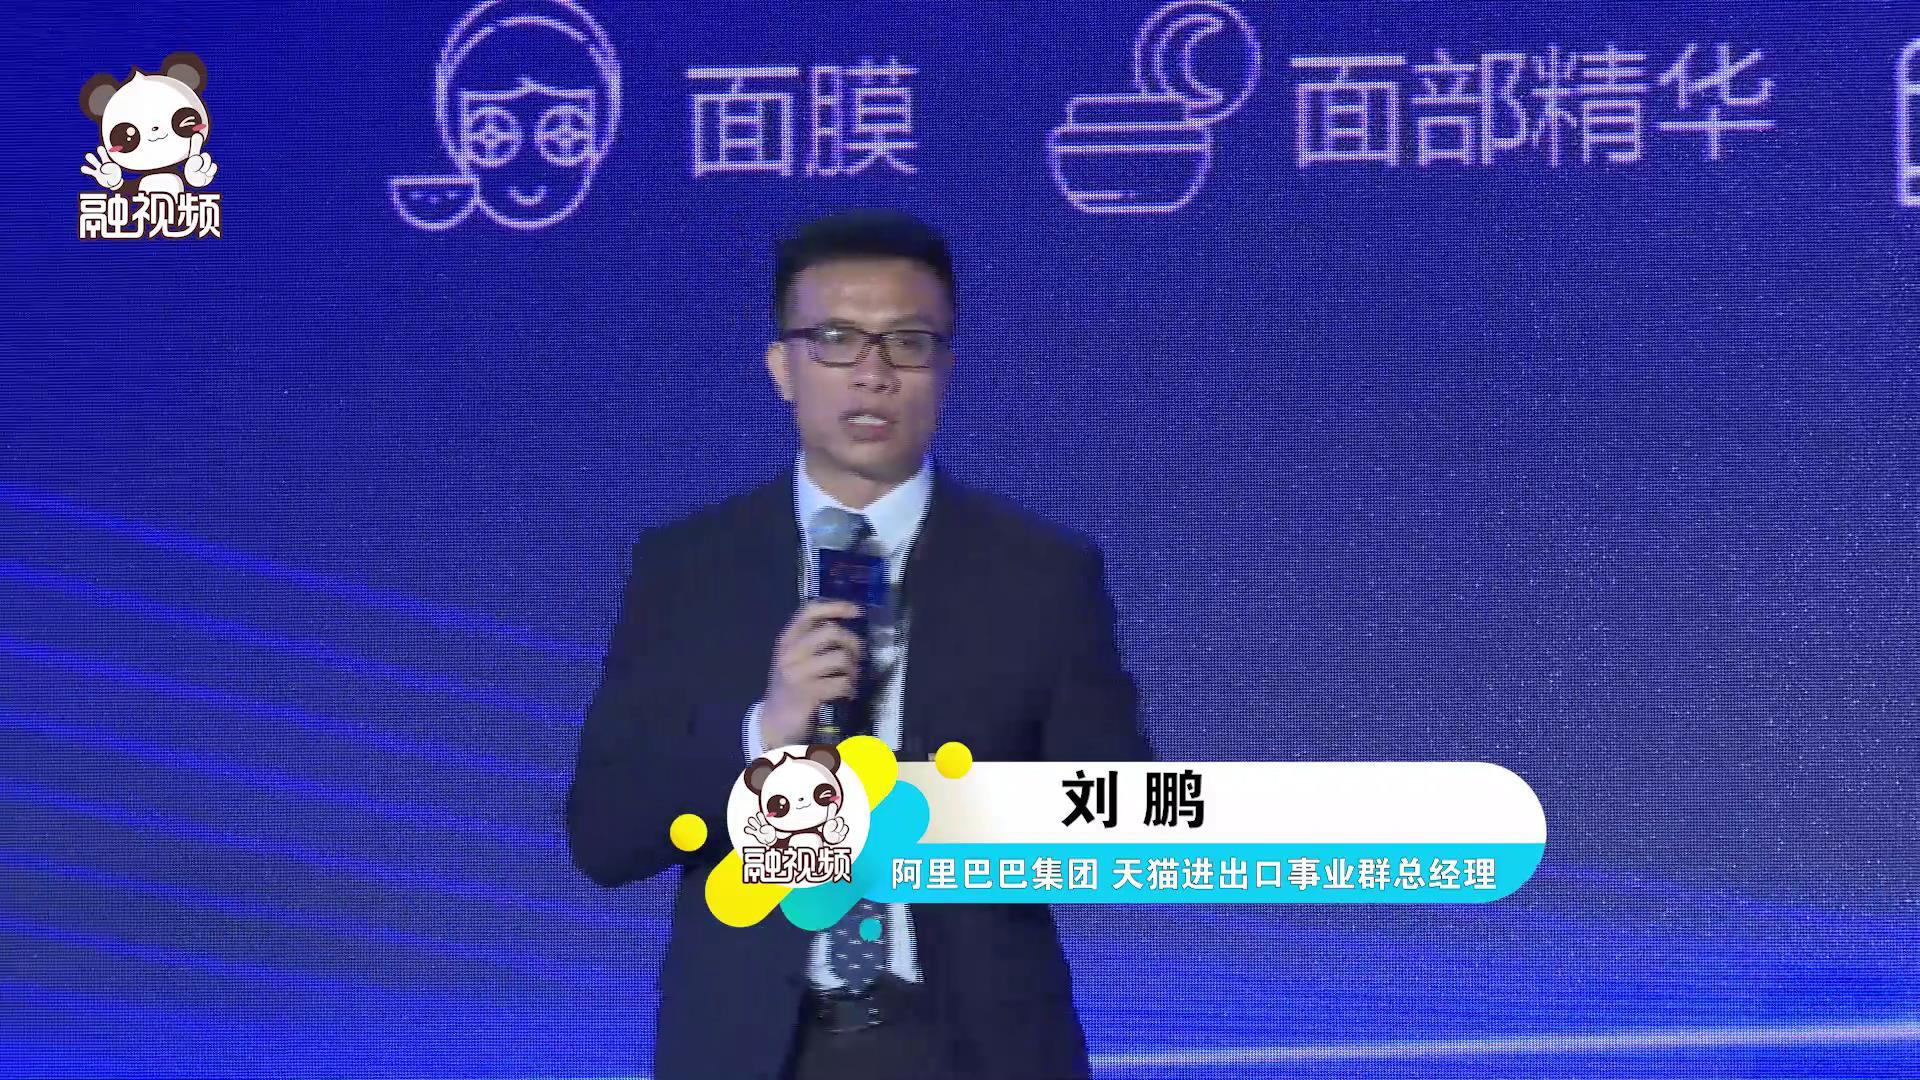 天猫进出口事业群总经理刘鹏:希望能与台商伙伴共同交流探讨如何引爆台湾产品大卖图片